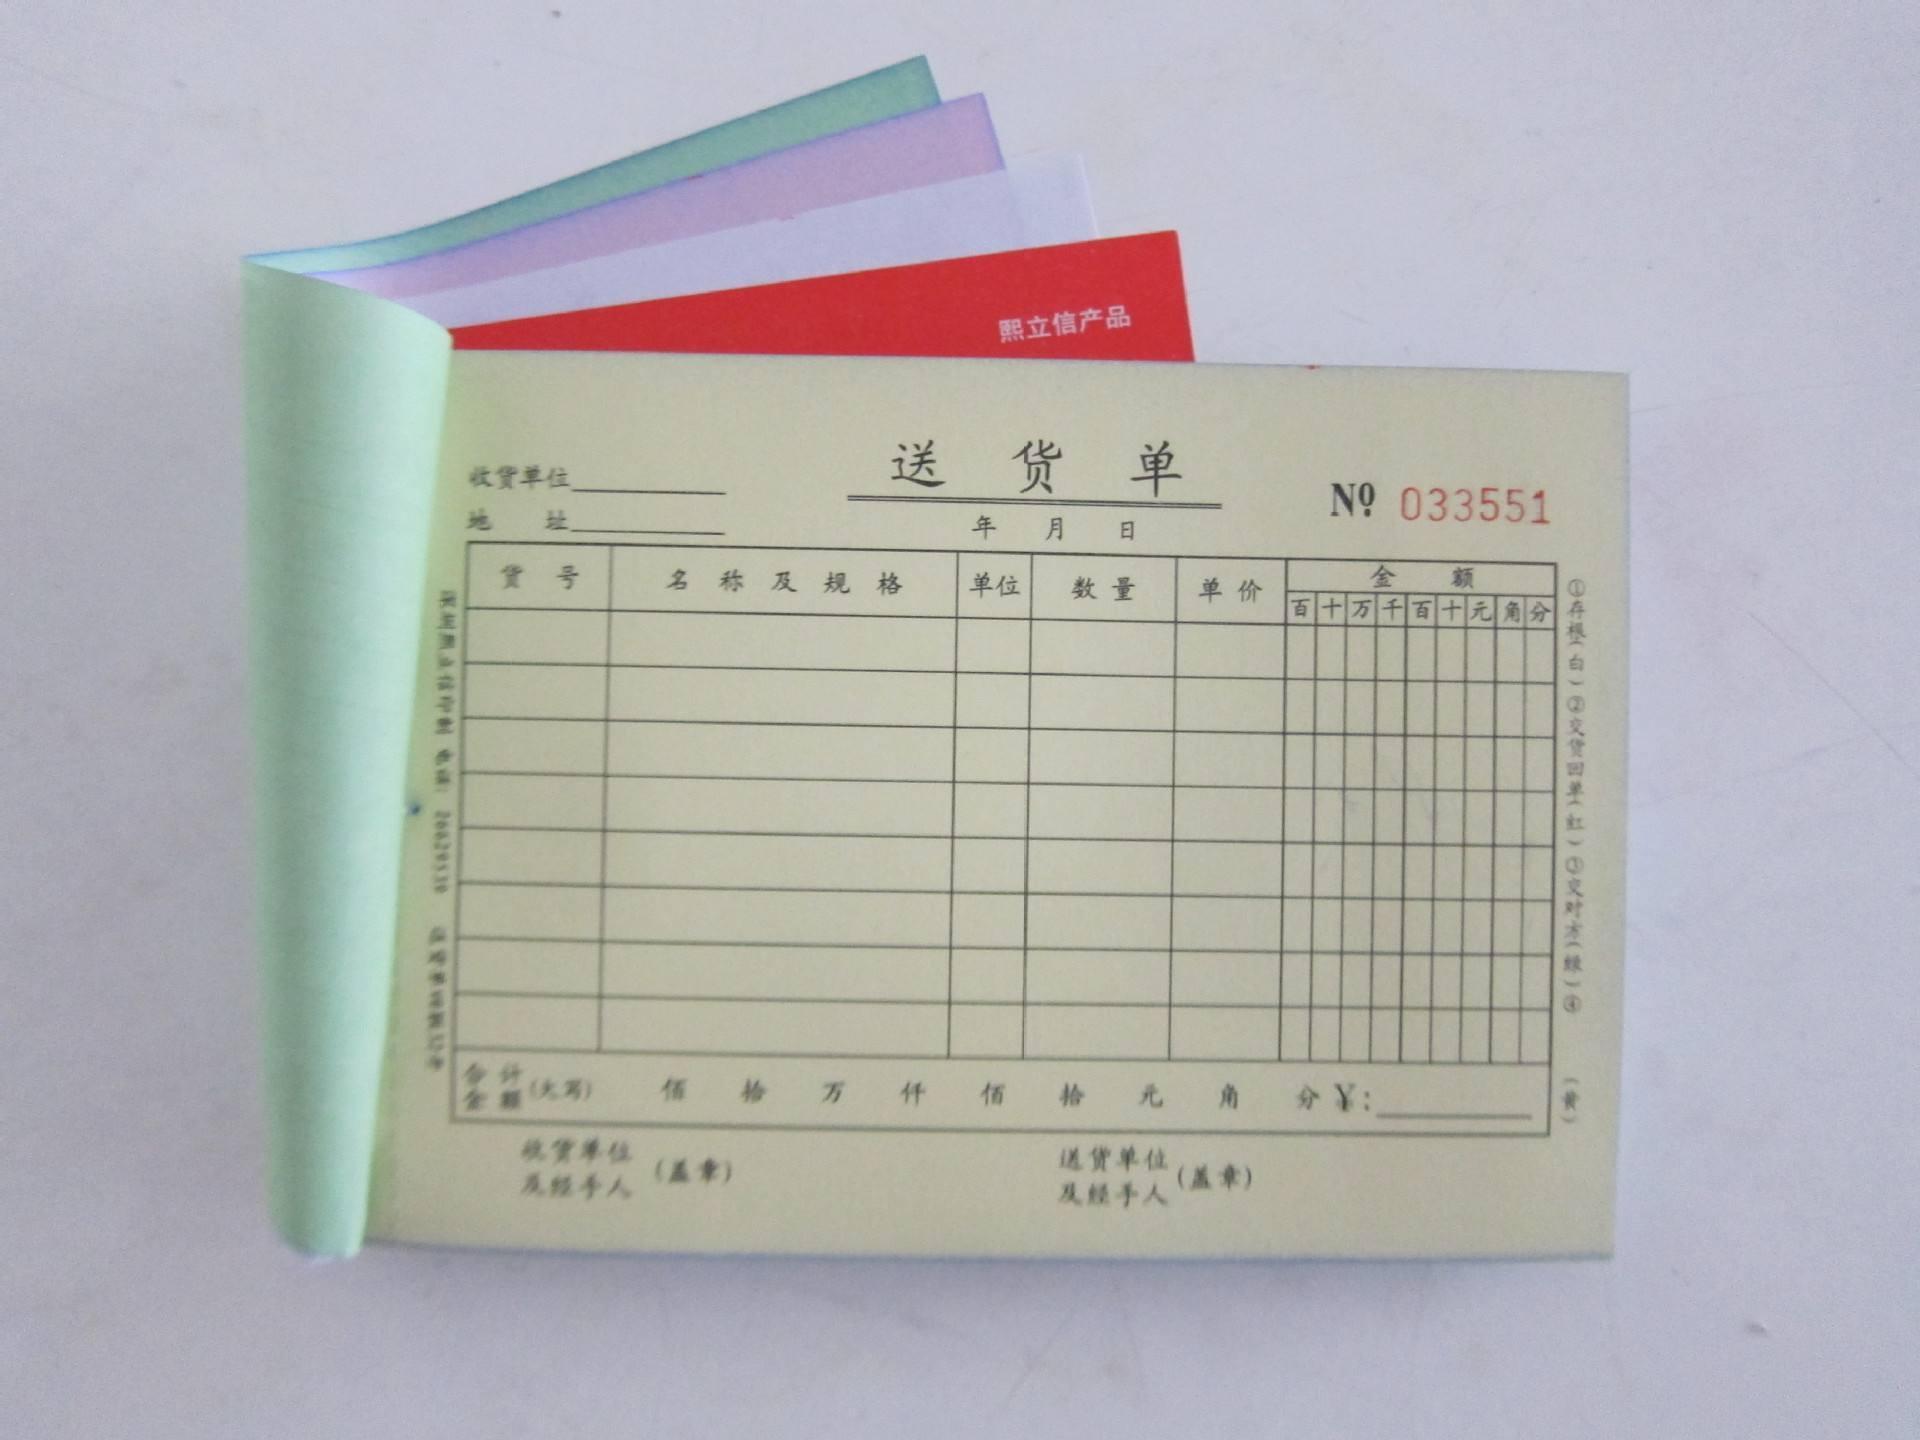 (大度复写纸联单)专业定制各类联单小批量定制